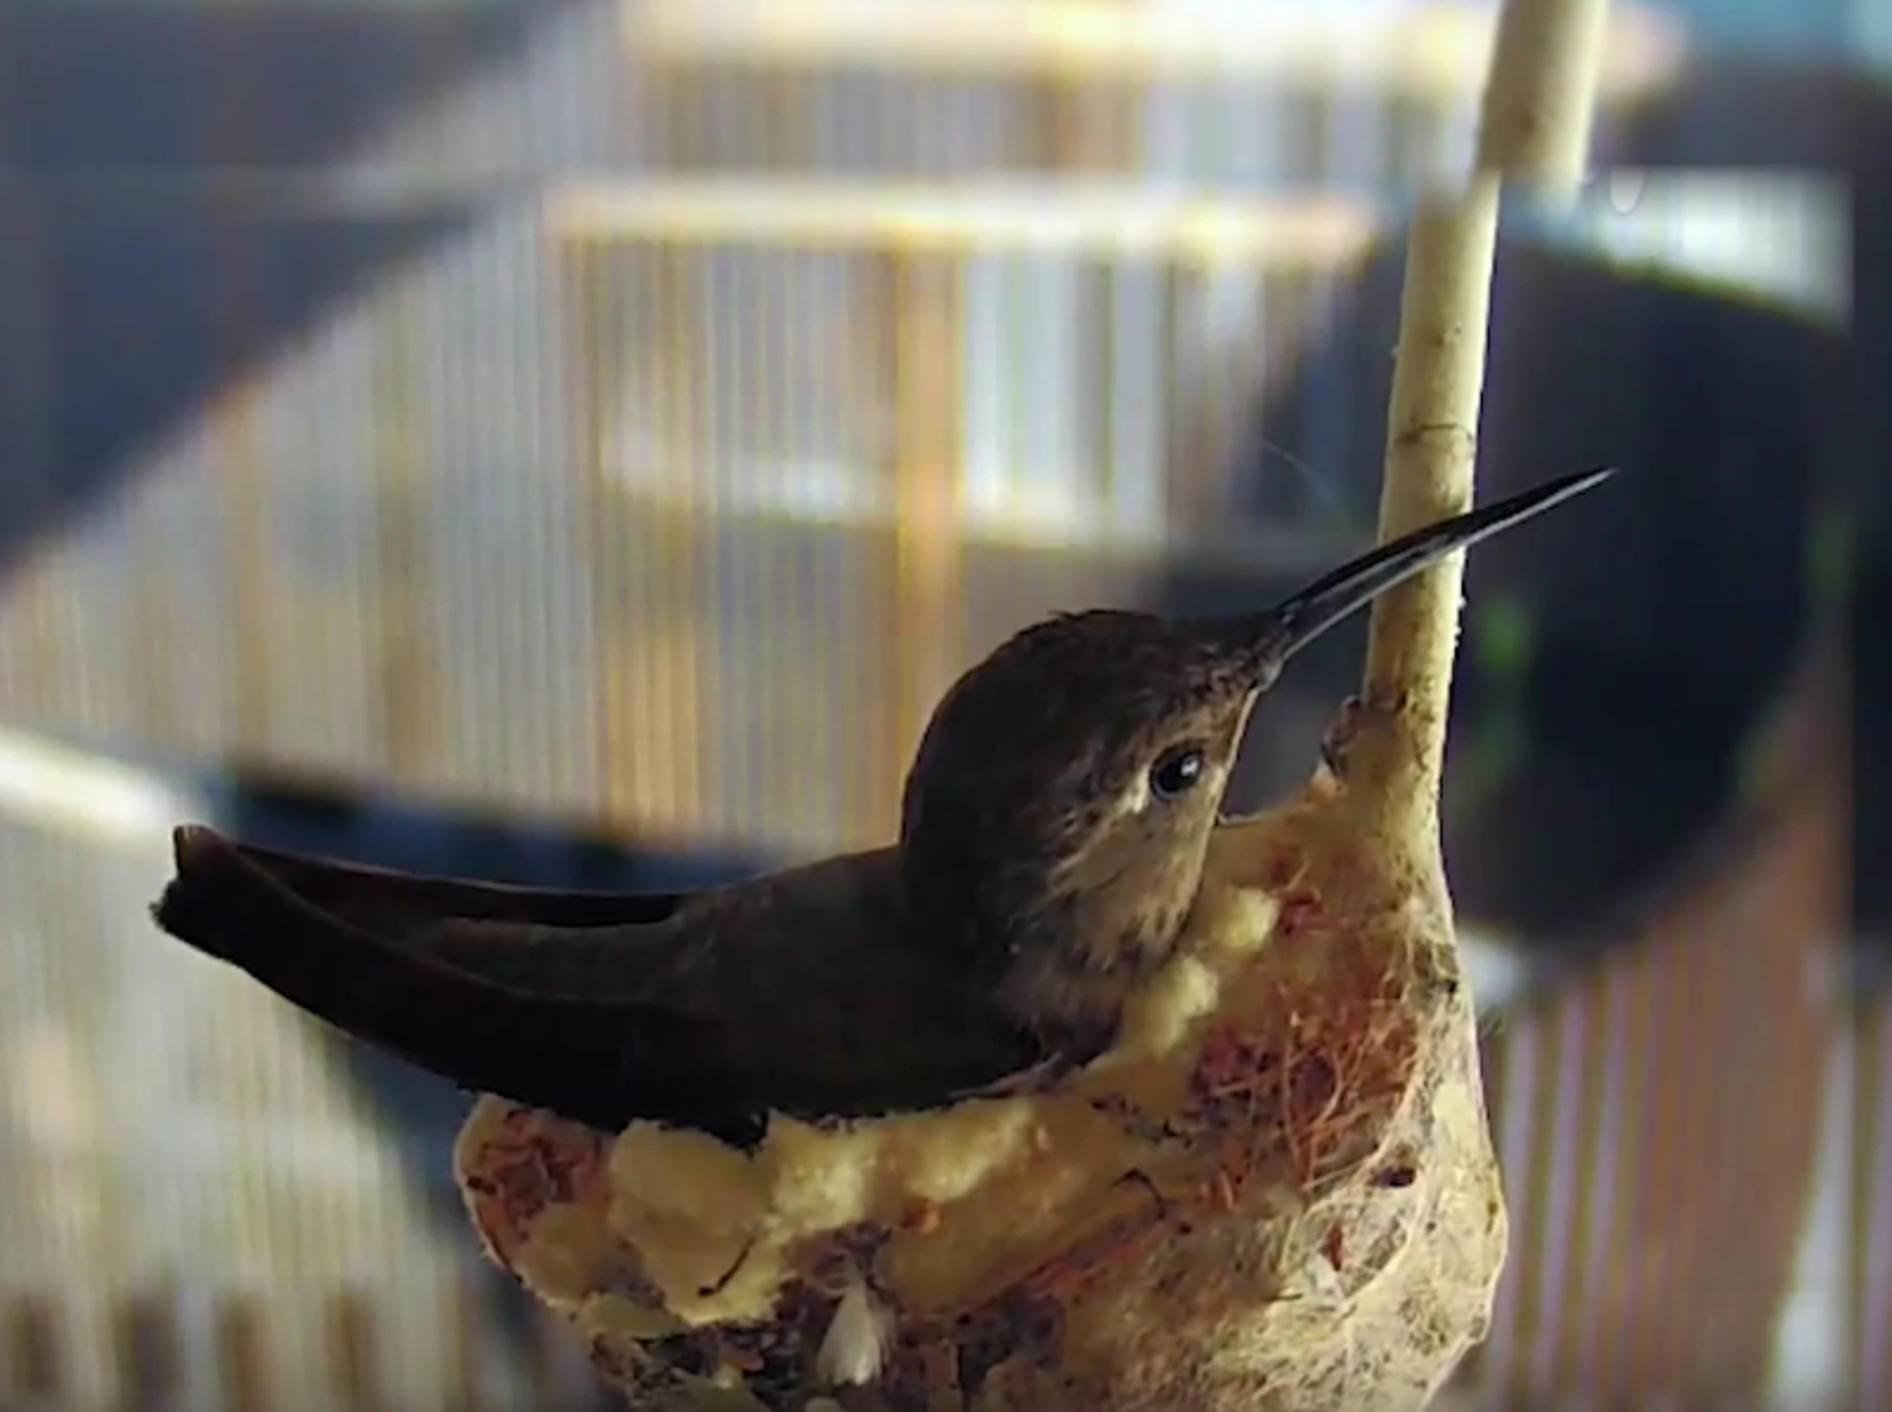 Kolibri sucht Rampenlicht: Nestbau vor Kamera – Bild: YouTube / The University of Arizona